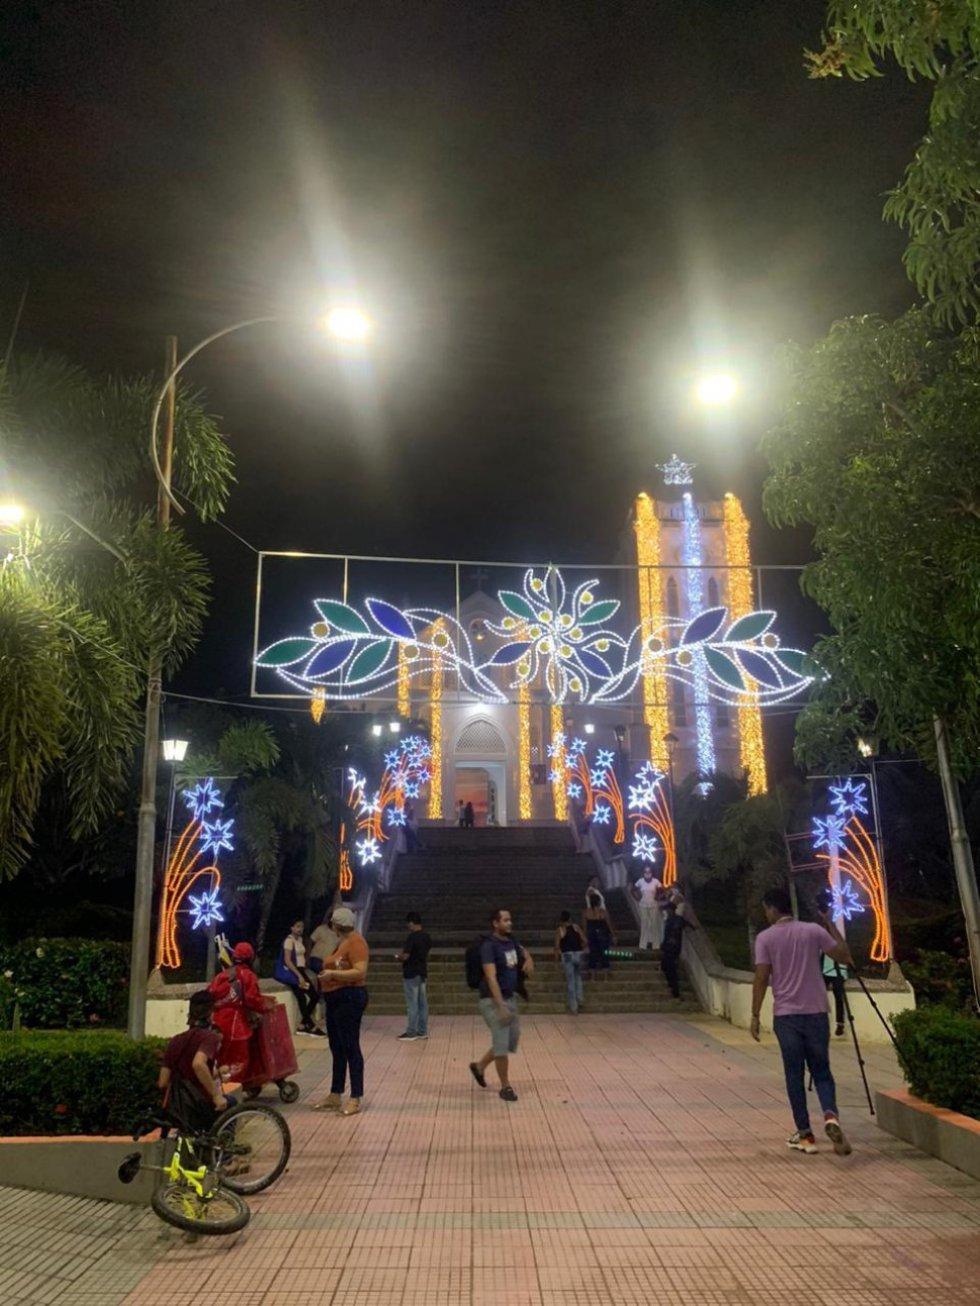 La Luz de la navidad ha llegado a San Juan Nepomuceno